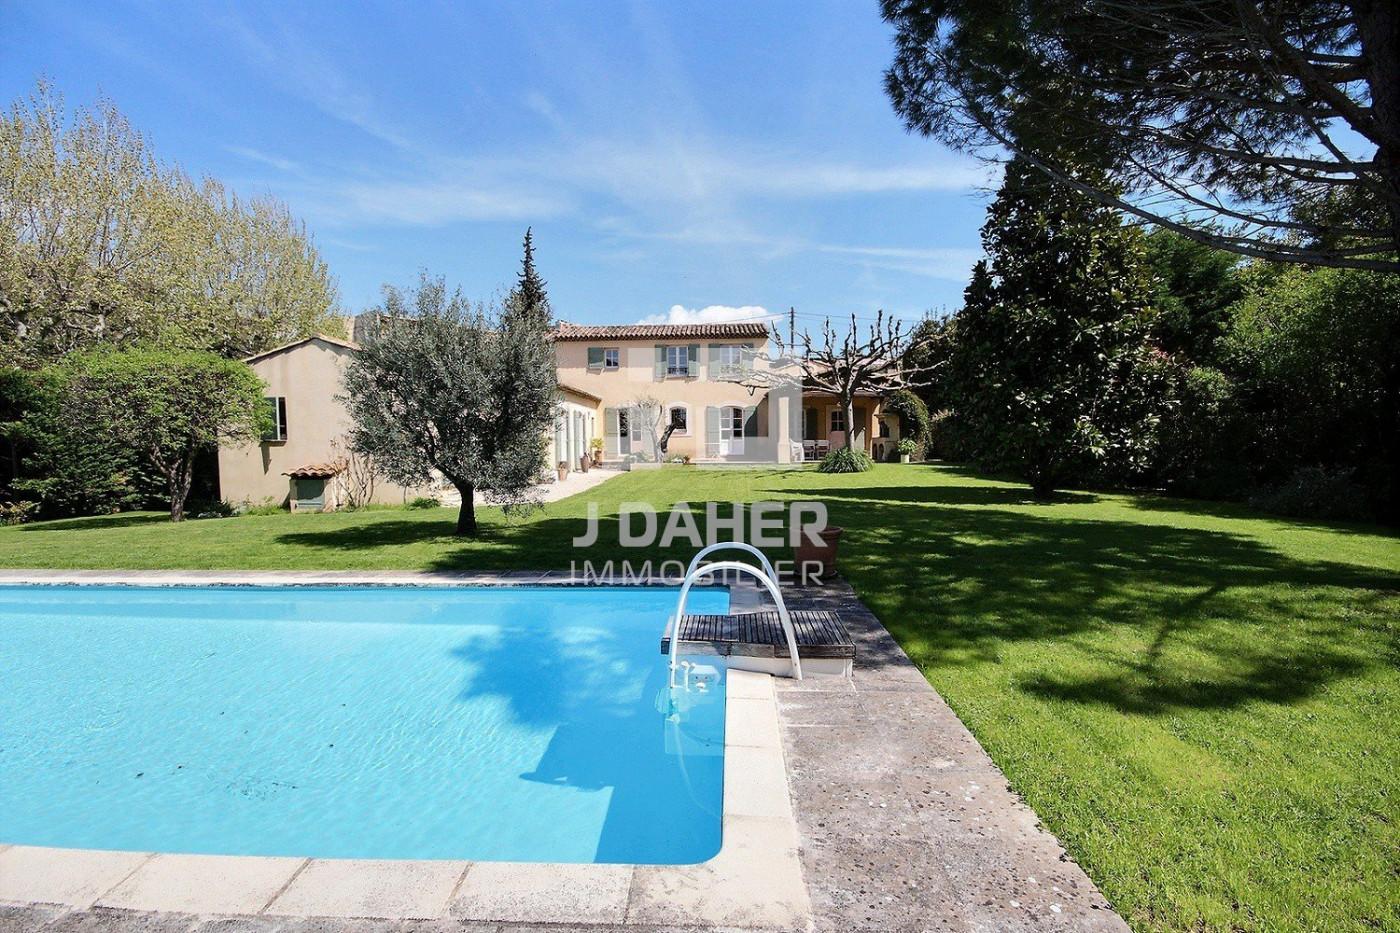 A vendre Marseille 12eme Arrondissement 13025757 J daher immobilier